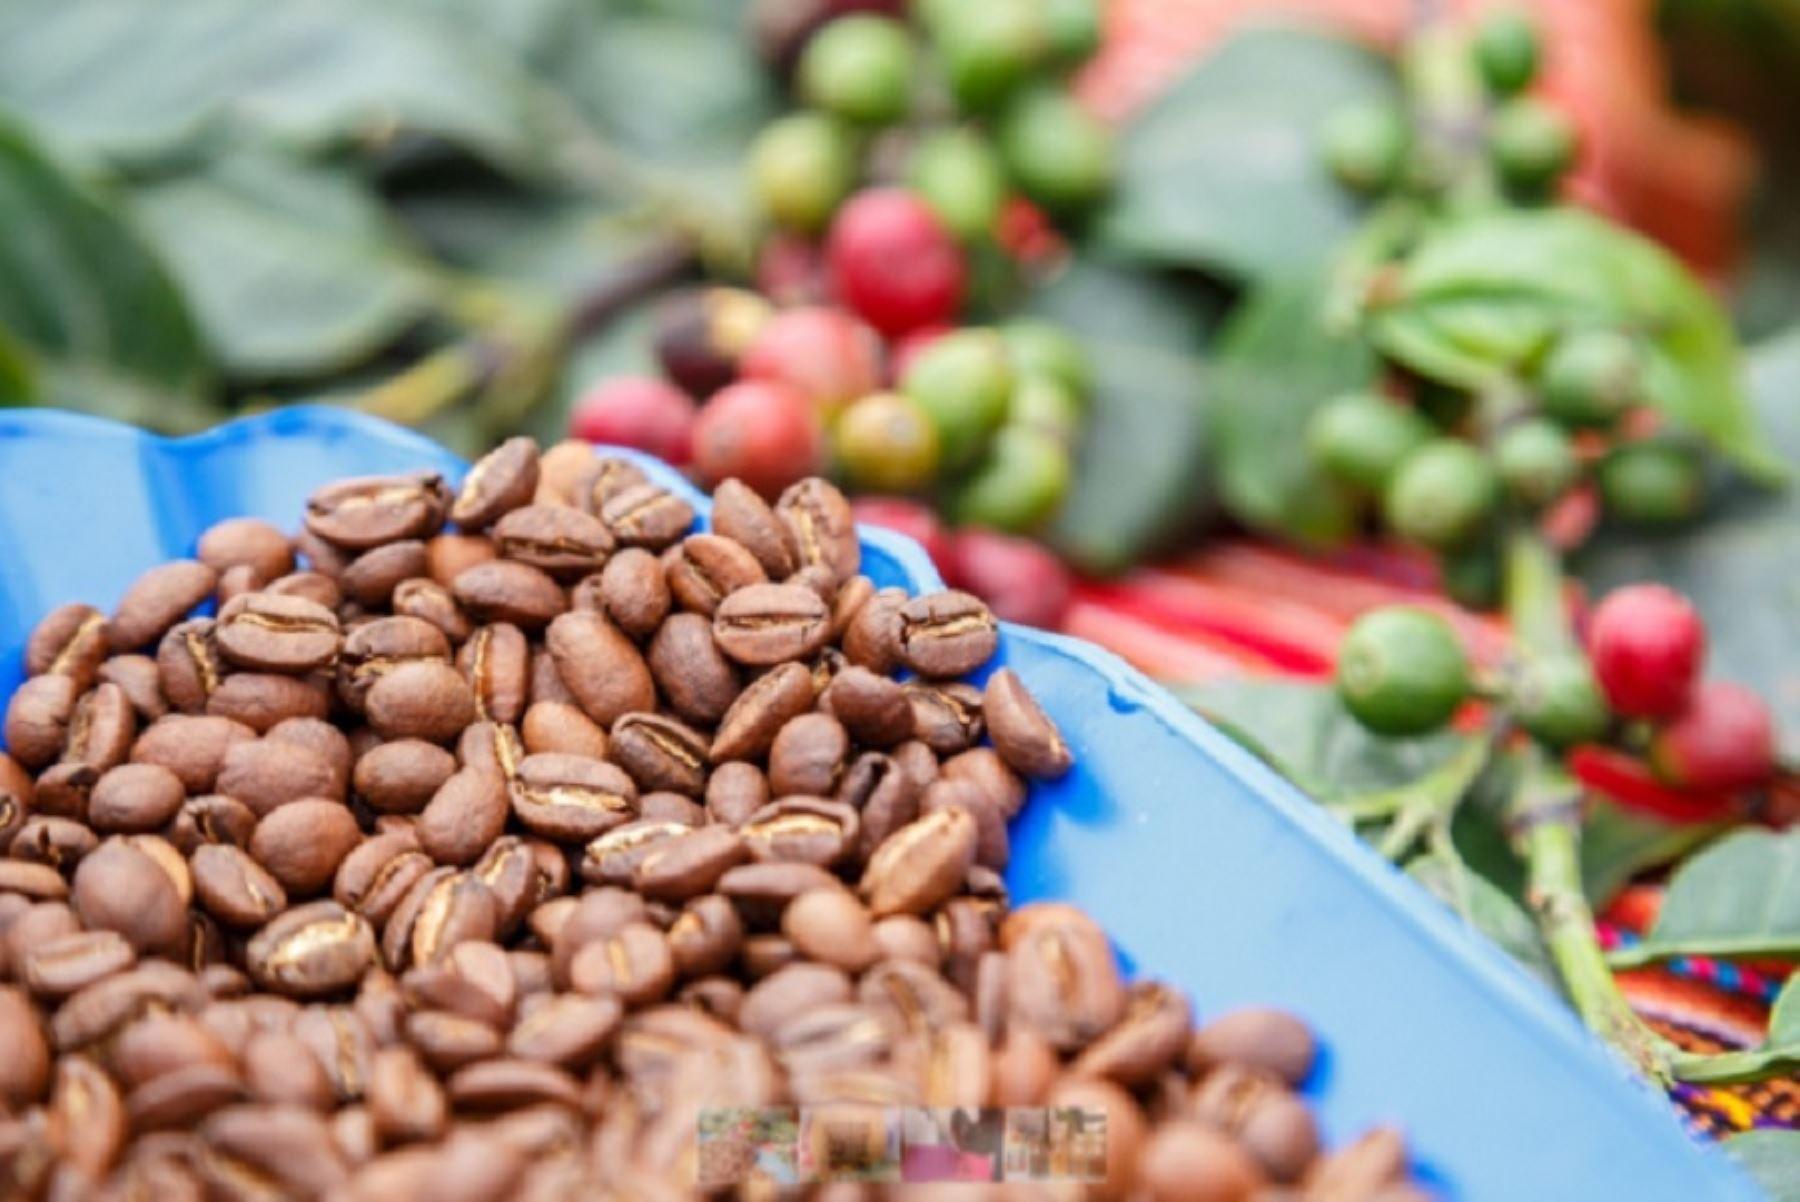 Abonan más de 11,000 has de café con guano de isla para mejorar producción | Noticias